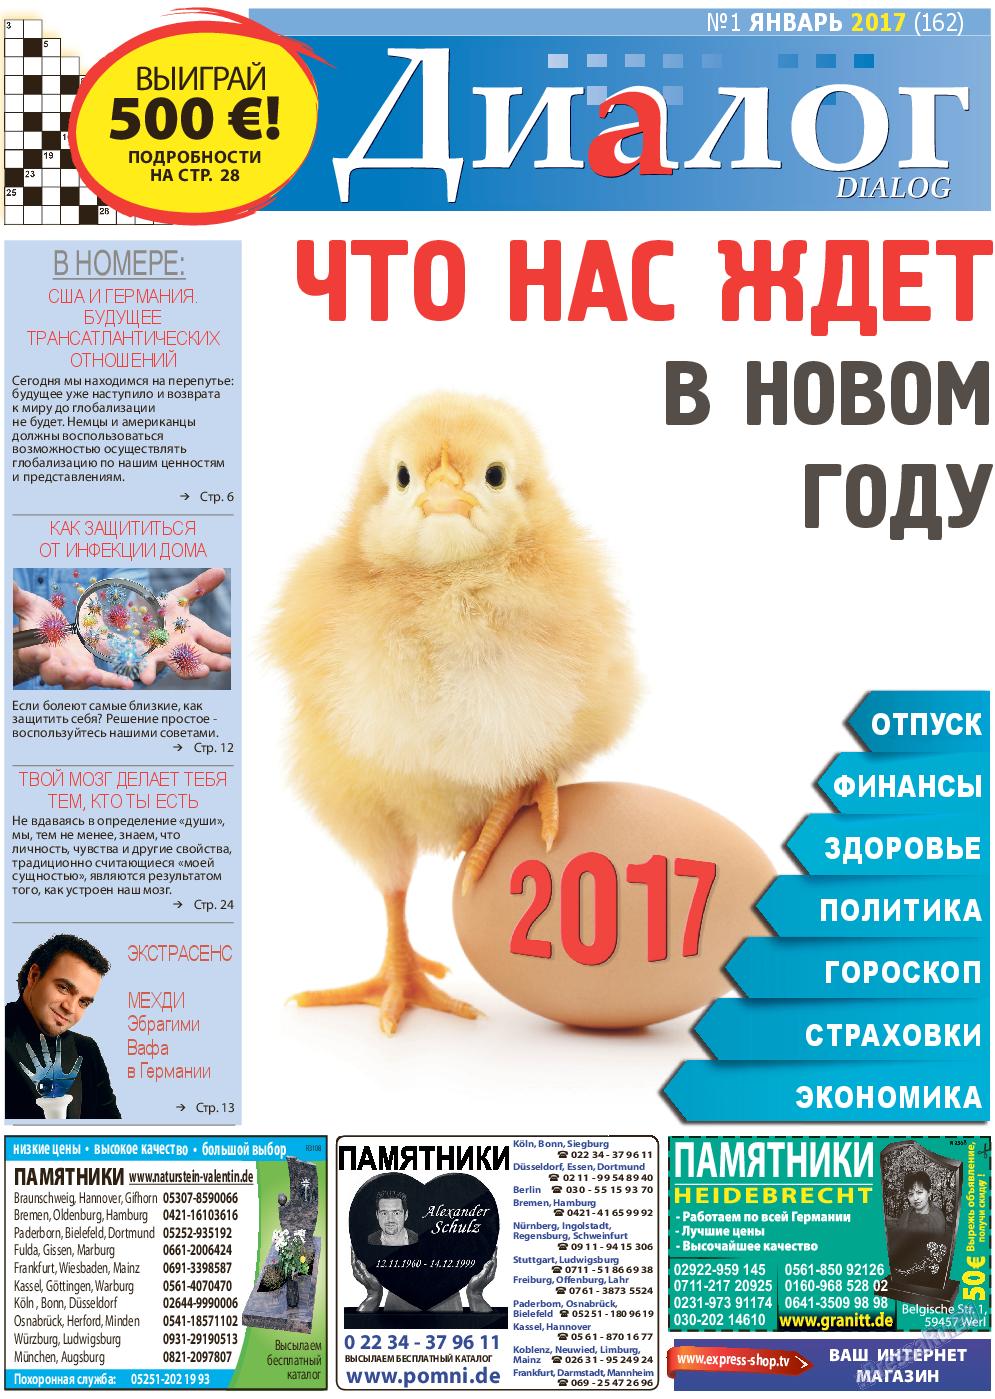 Диалог (газета). 2017 год, номер 1, стр. 1